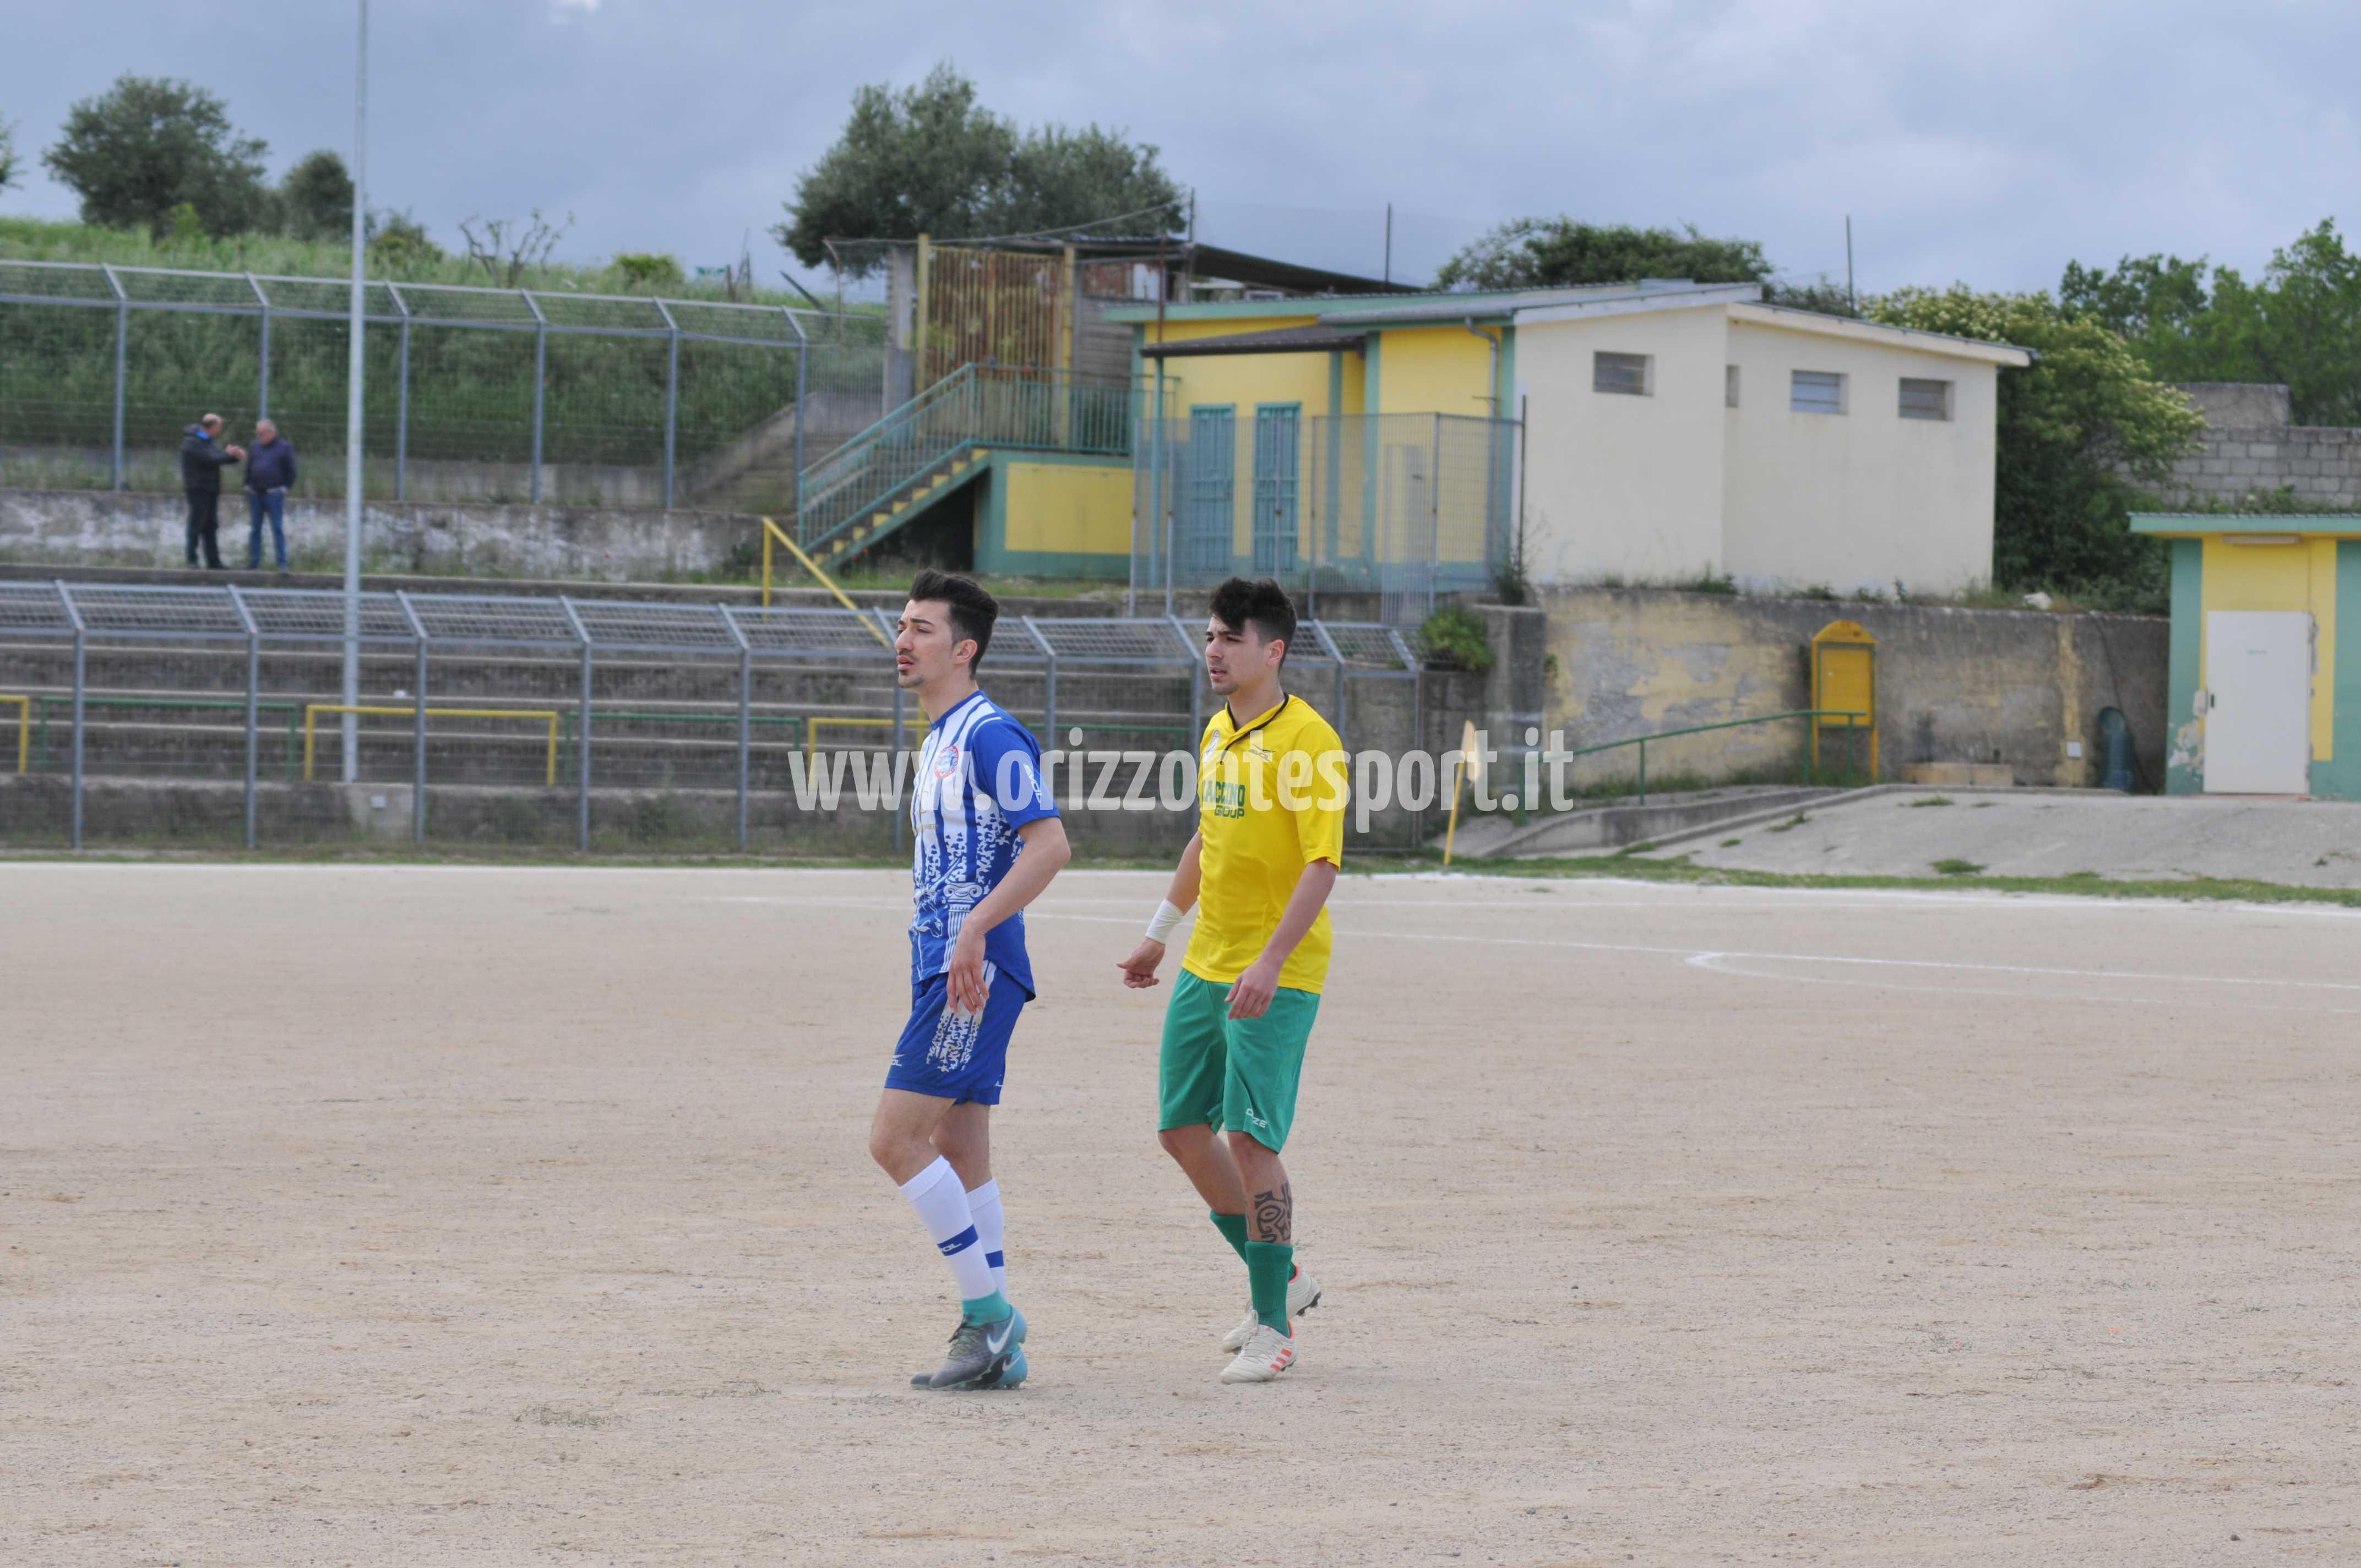 roggiano_cassano (24)